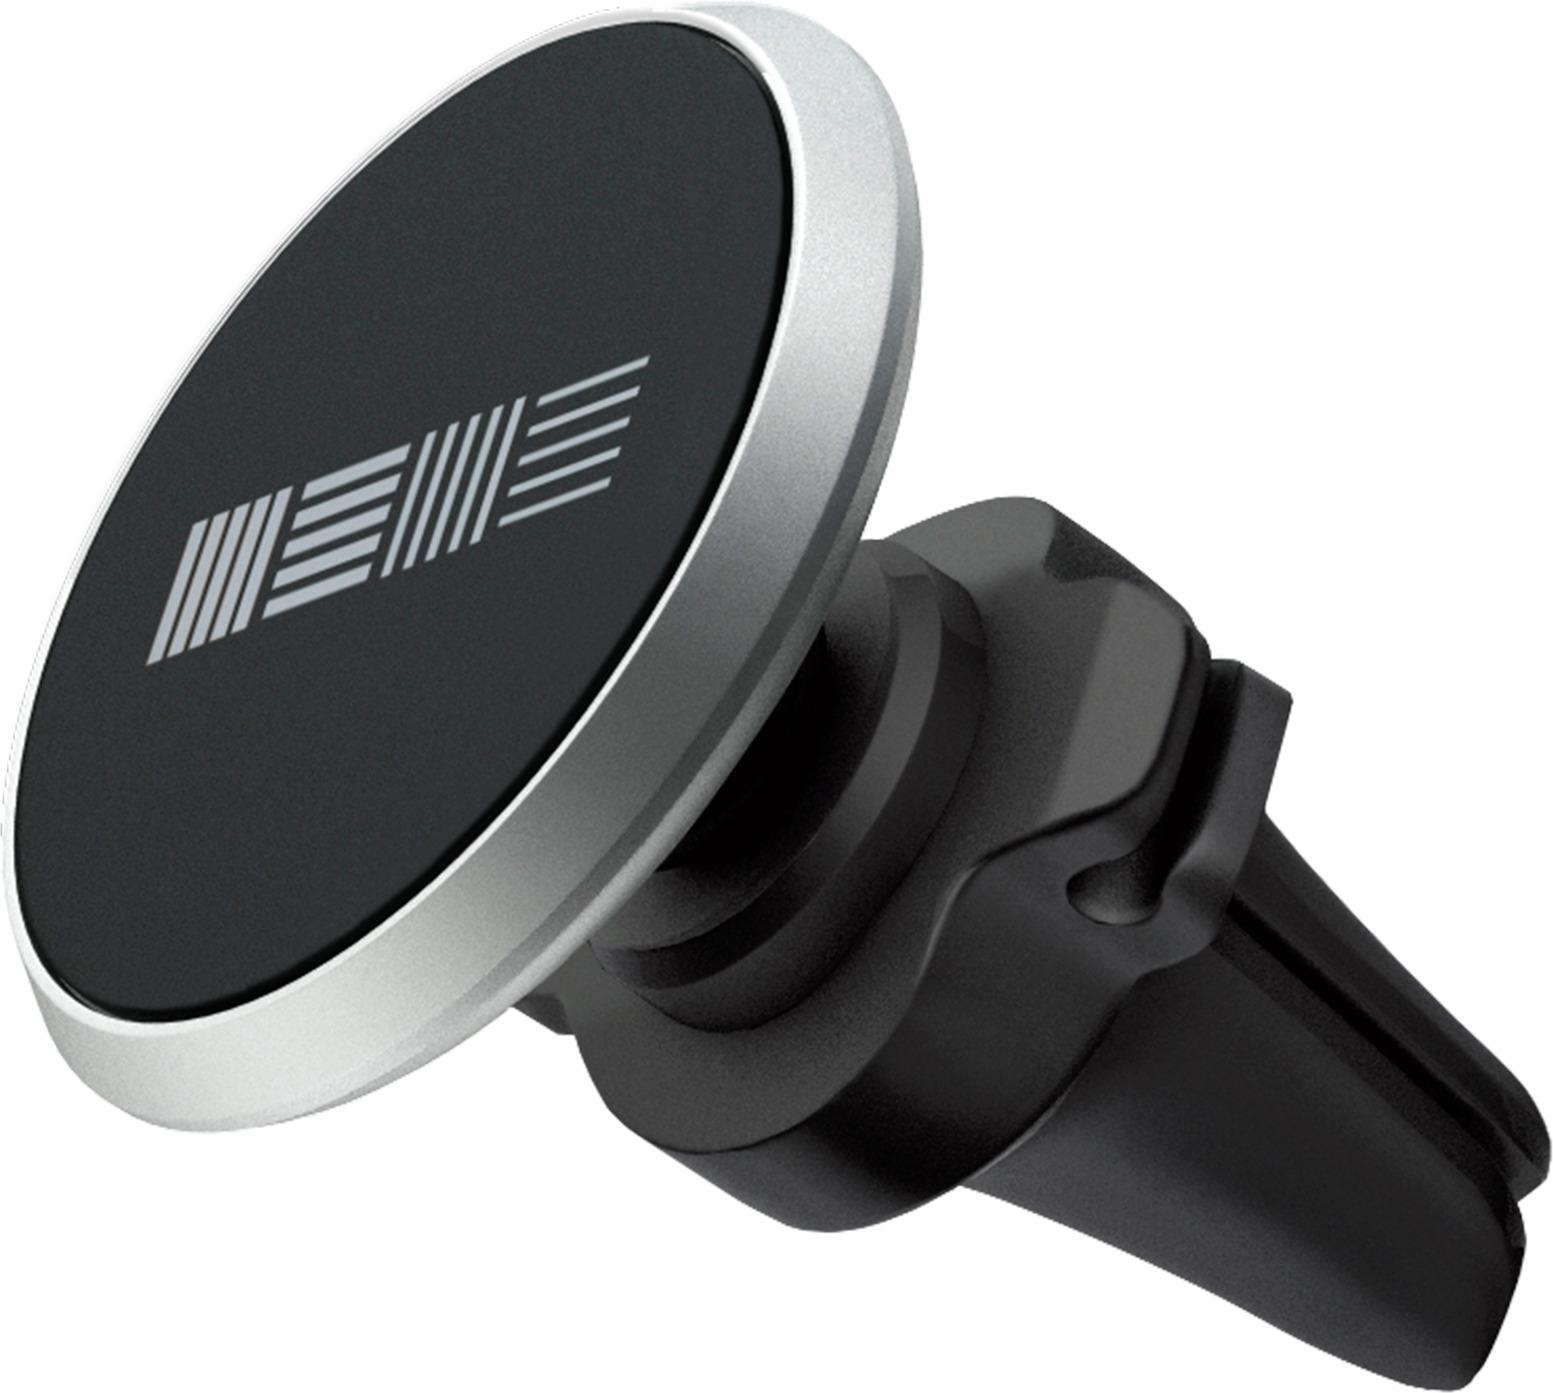 Держатель для телефона Interstep, магнитный, серебро interstep interstep для ipad mini